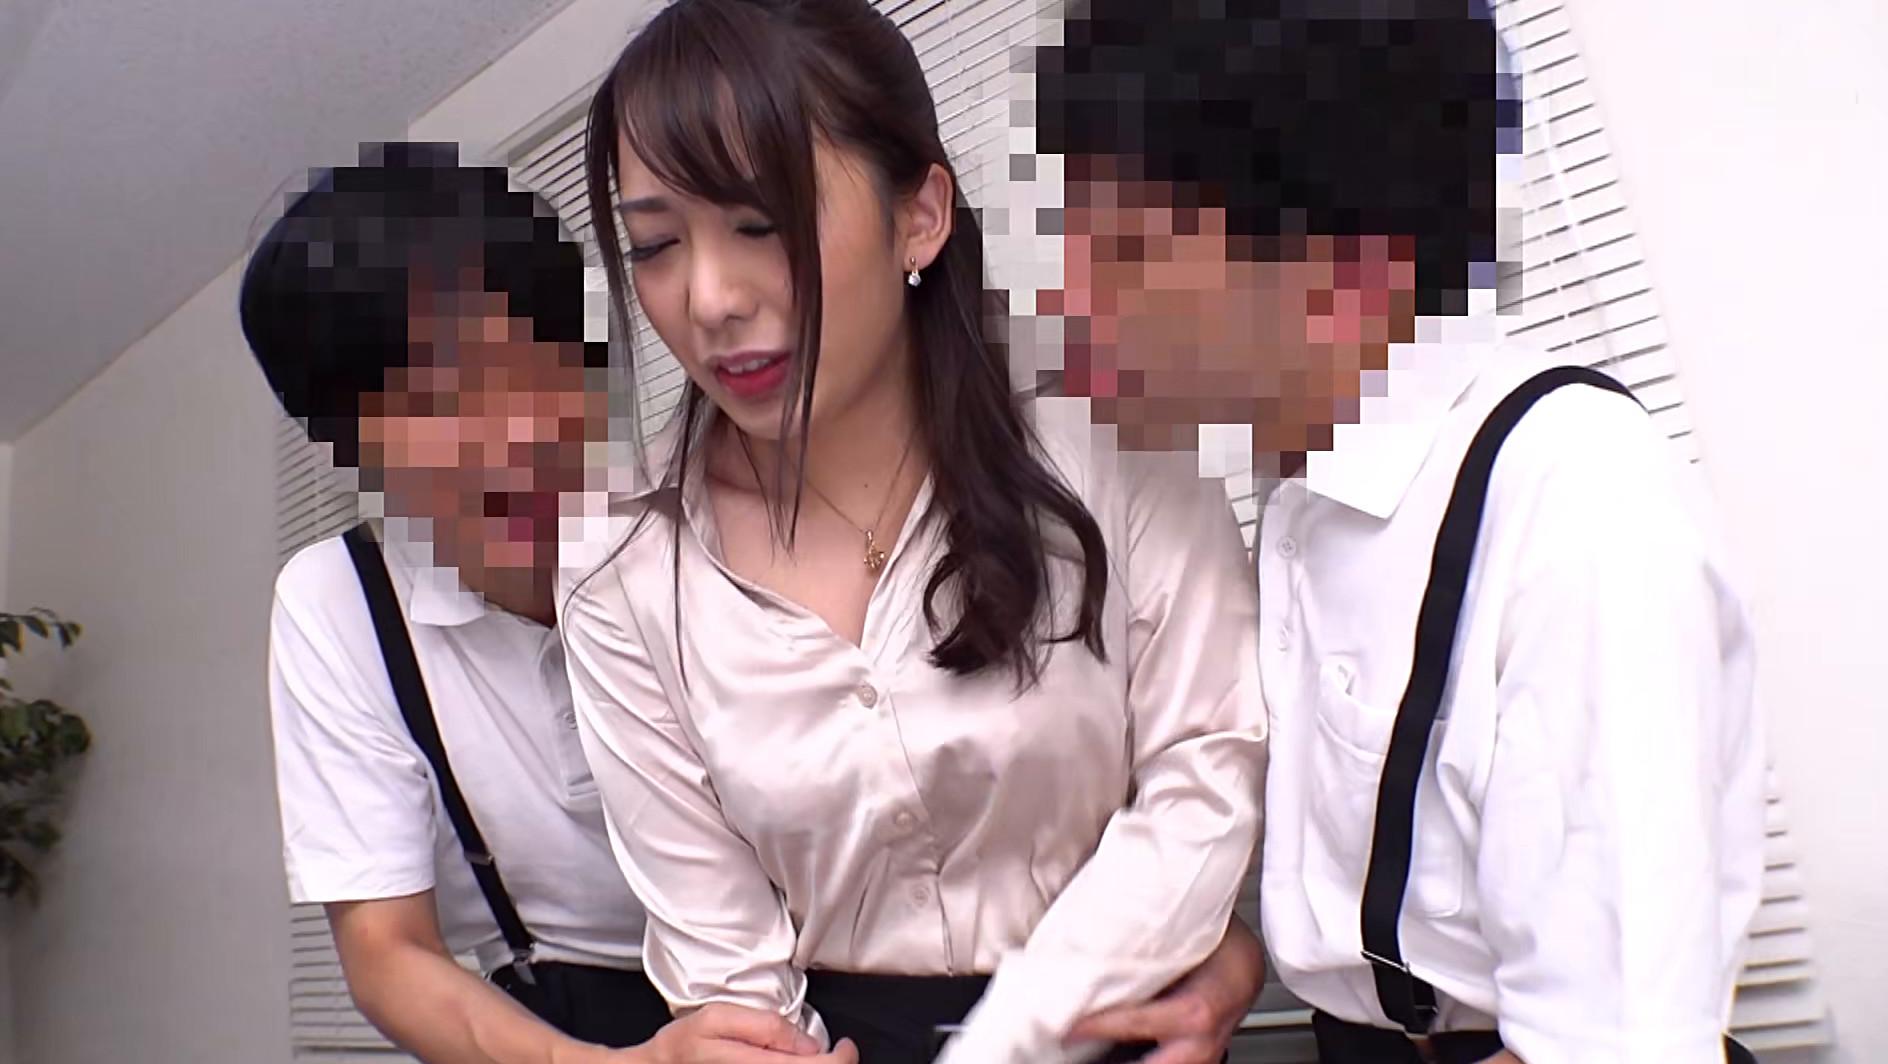 お色気P●A会長&悩殺女教師と悪ガキ生徒会 瀬崎彩音/弥生みづき10